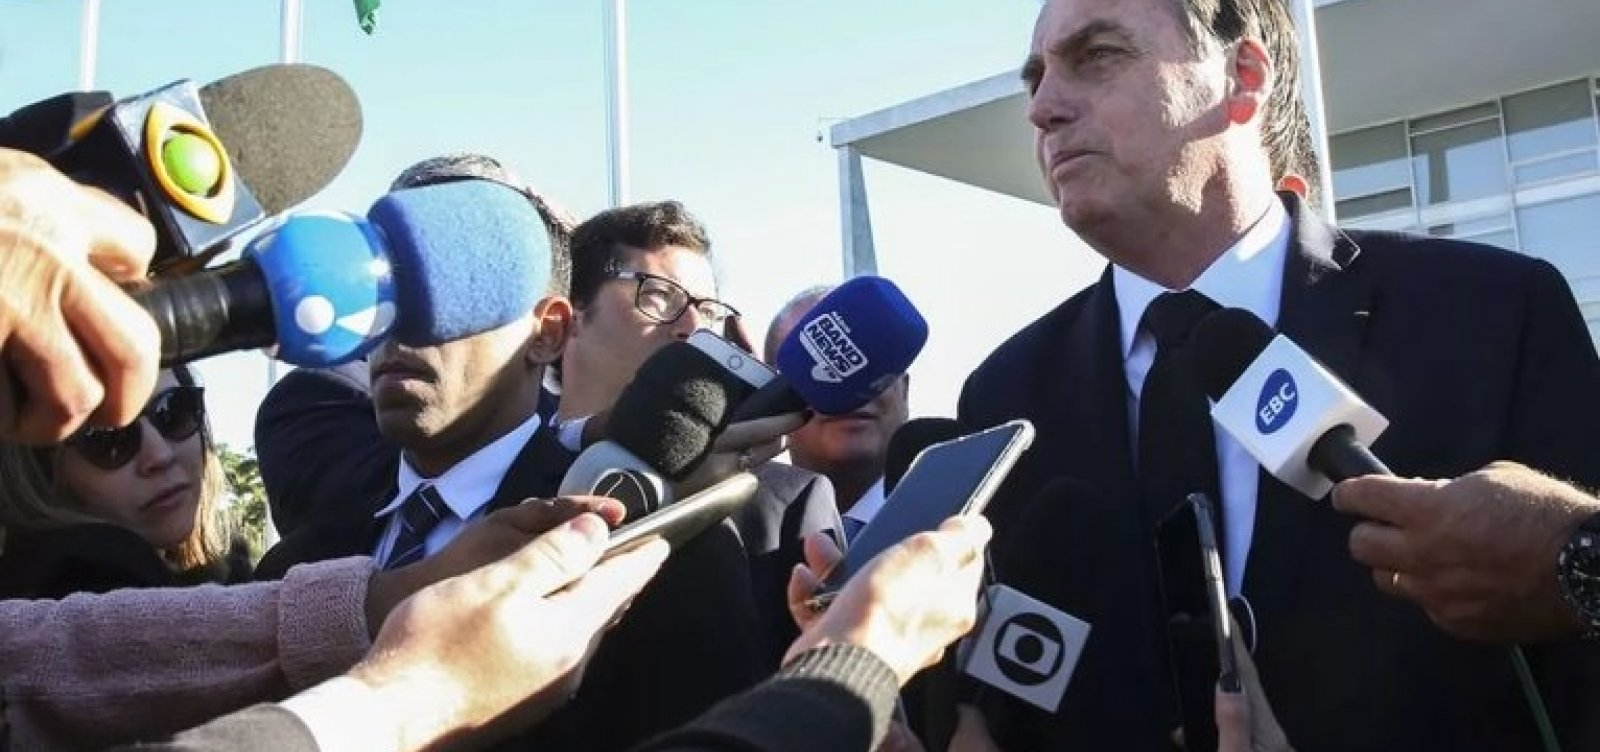 ['Se quer levar mais de 10 quilos, pague, pô', diz Bolsonaro após veto a bagagem gratuita]